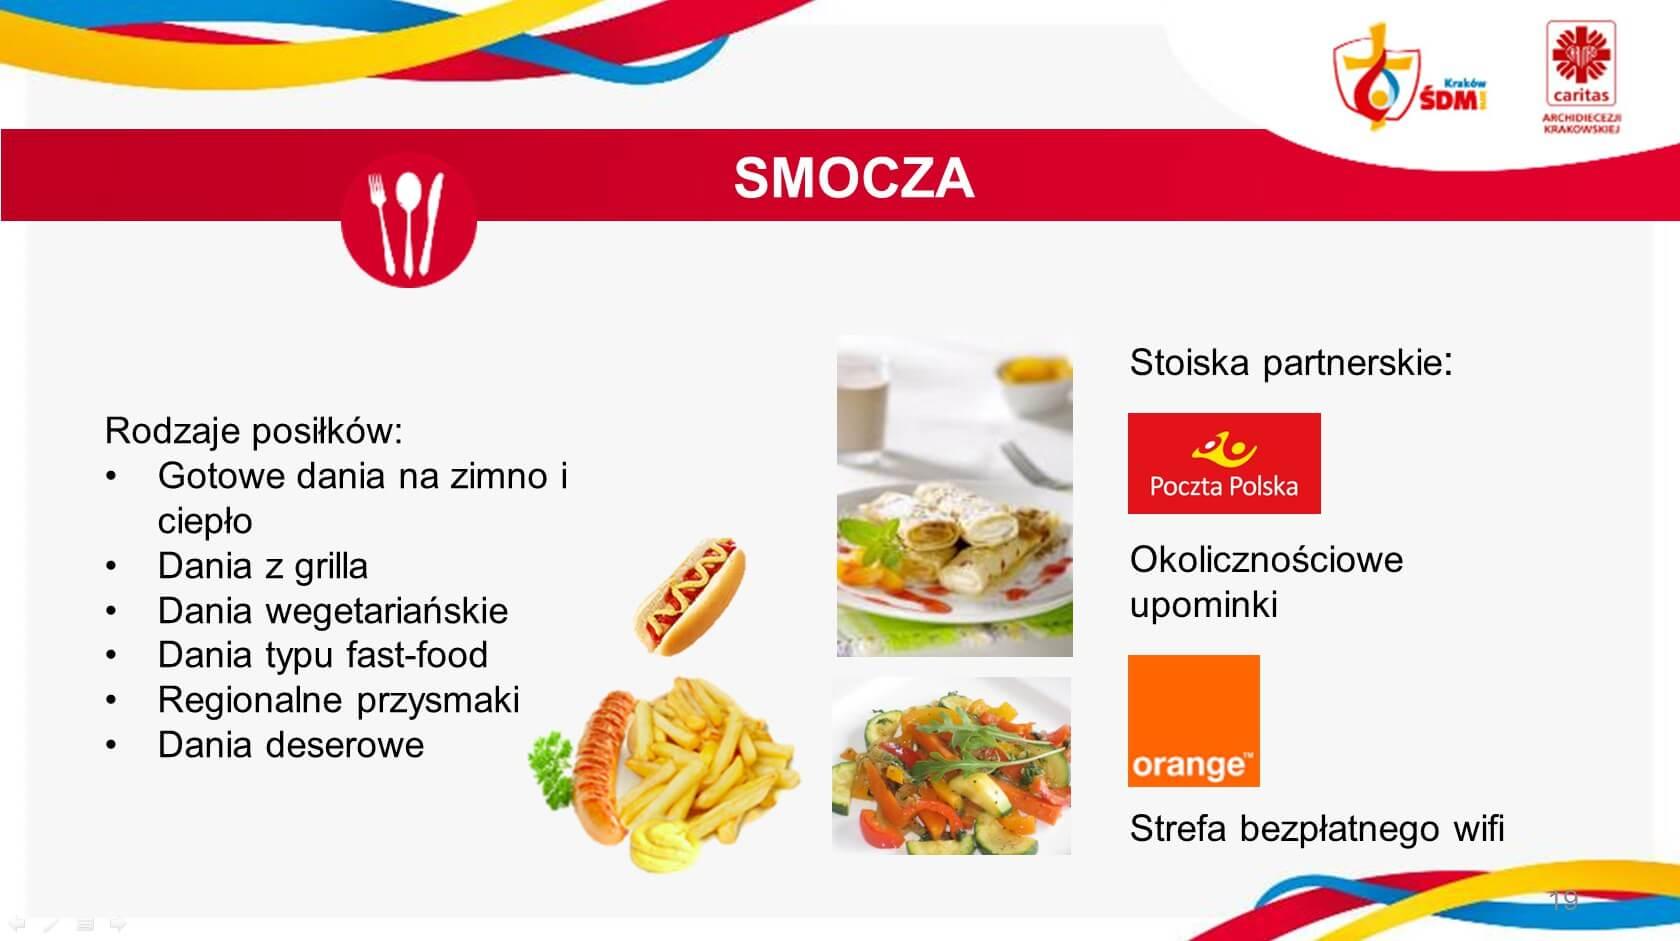 Strefy gastronomiczne ŚDM 2016 (19)